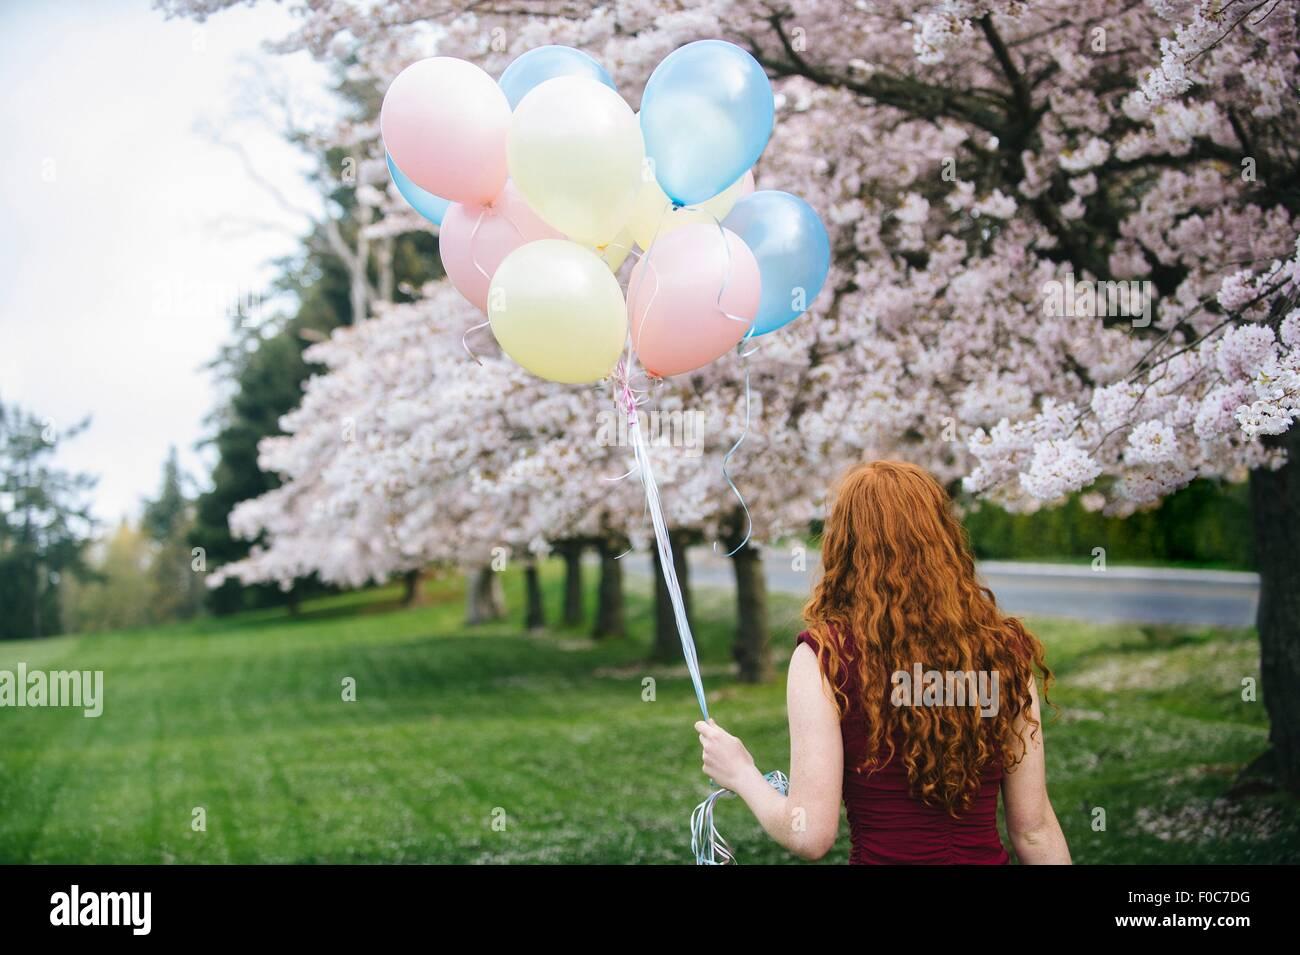 Vista posteriore della giovane donna con ondulata lungo i capelli rossi e il mazzetto di palloncini in primavera Immagini Stock